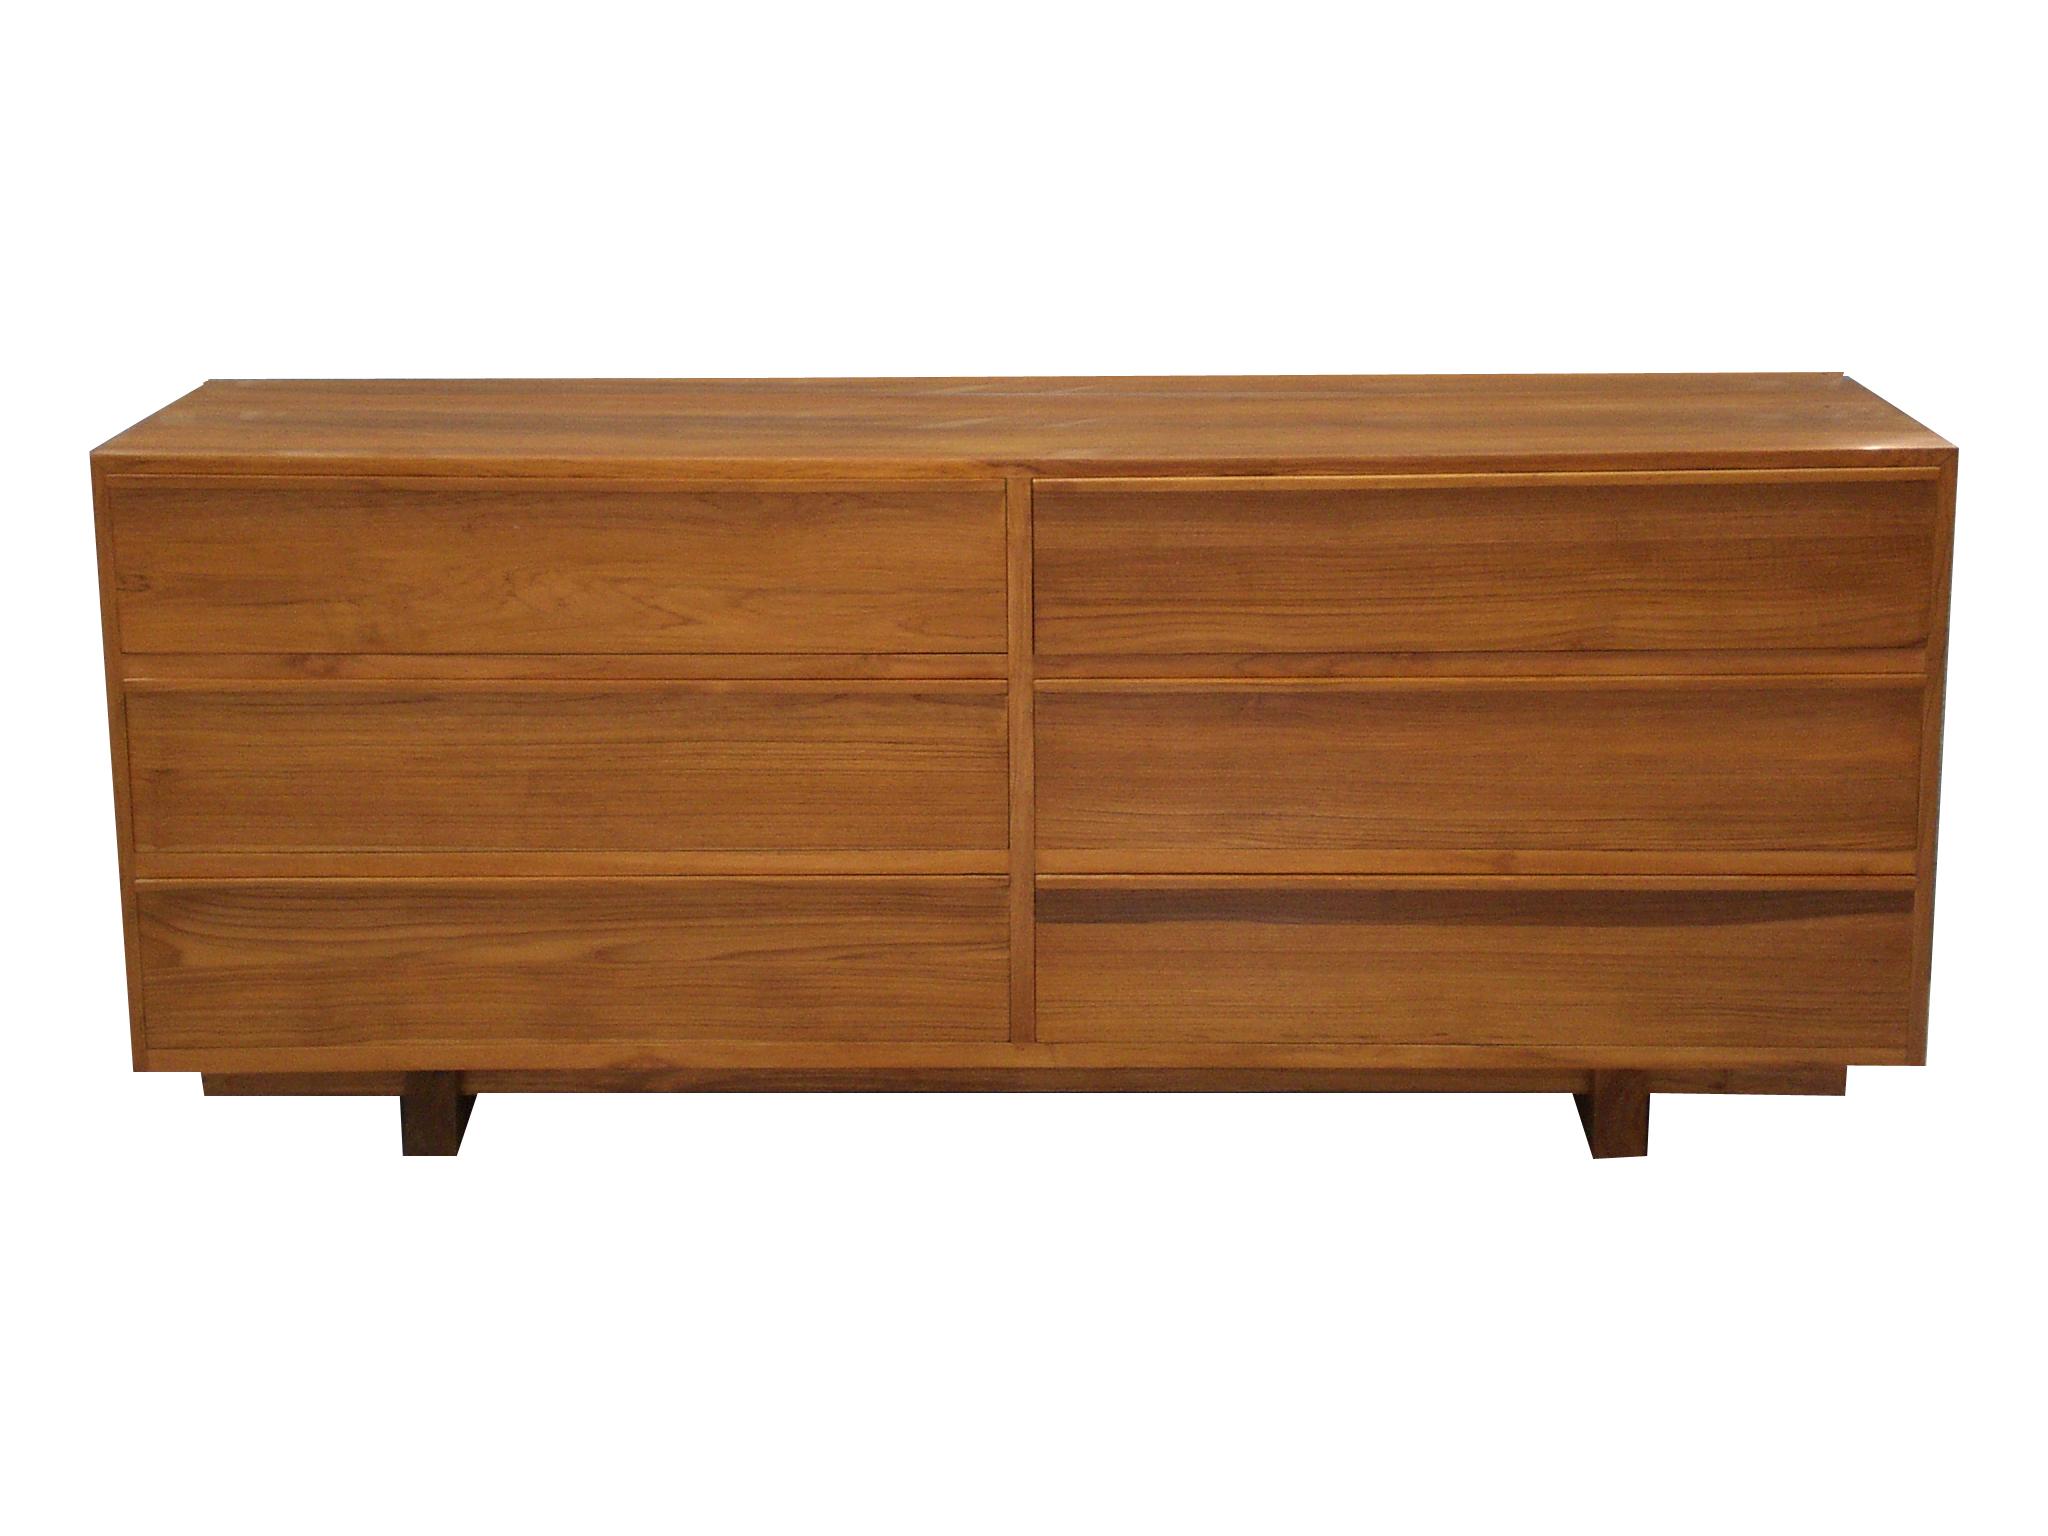 Meubles tv en teck massif kayumanis cr ateur de mobilier for H h createur de meubles